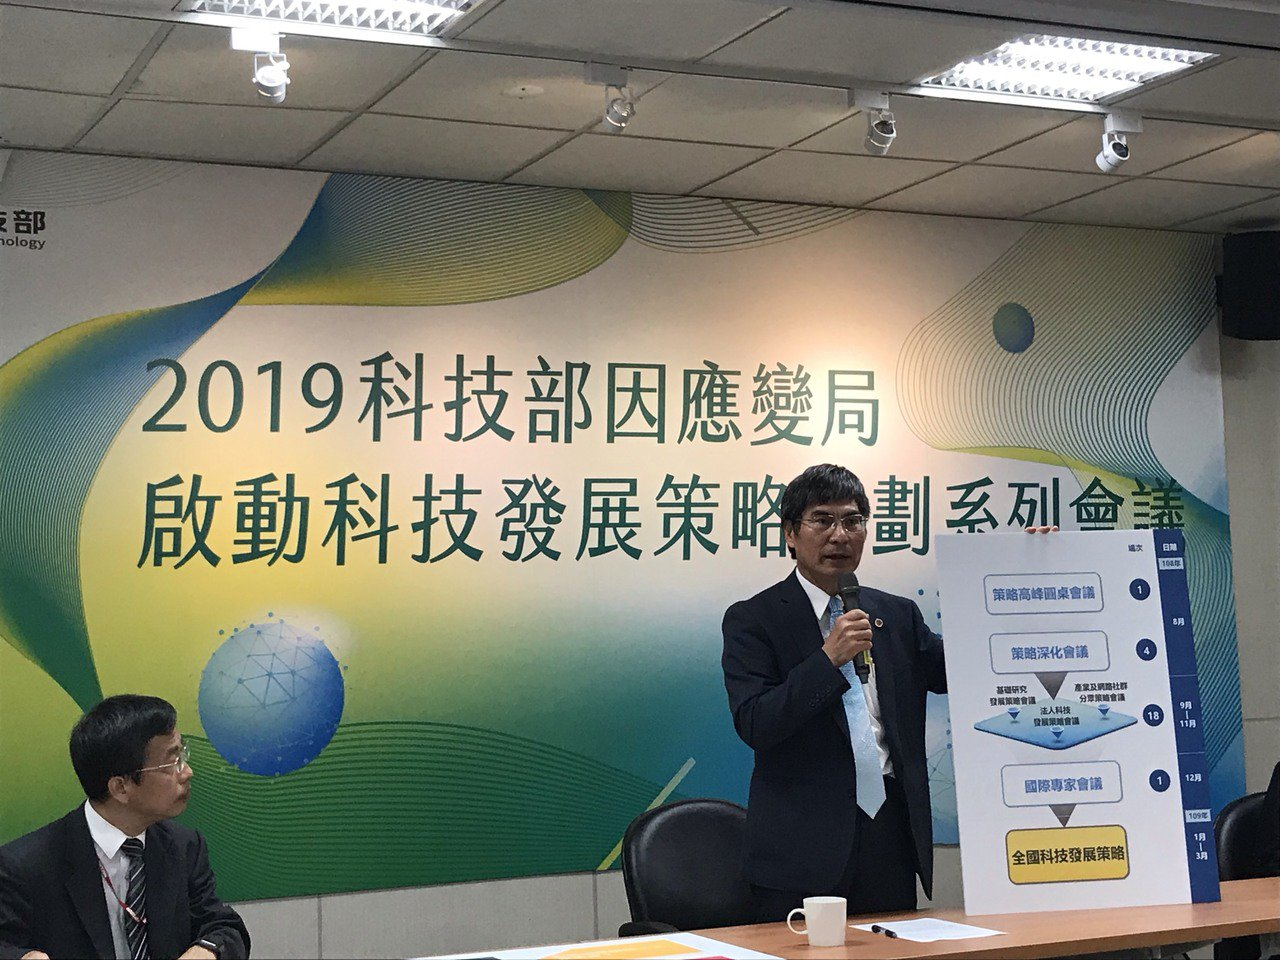 科技部長陳良基宣布今年8月初啟動科技發展策略規劃會議。記者潘乃欣/攝影